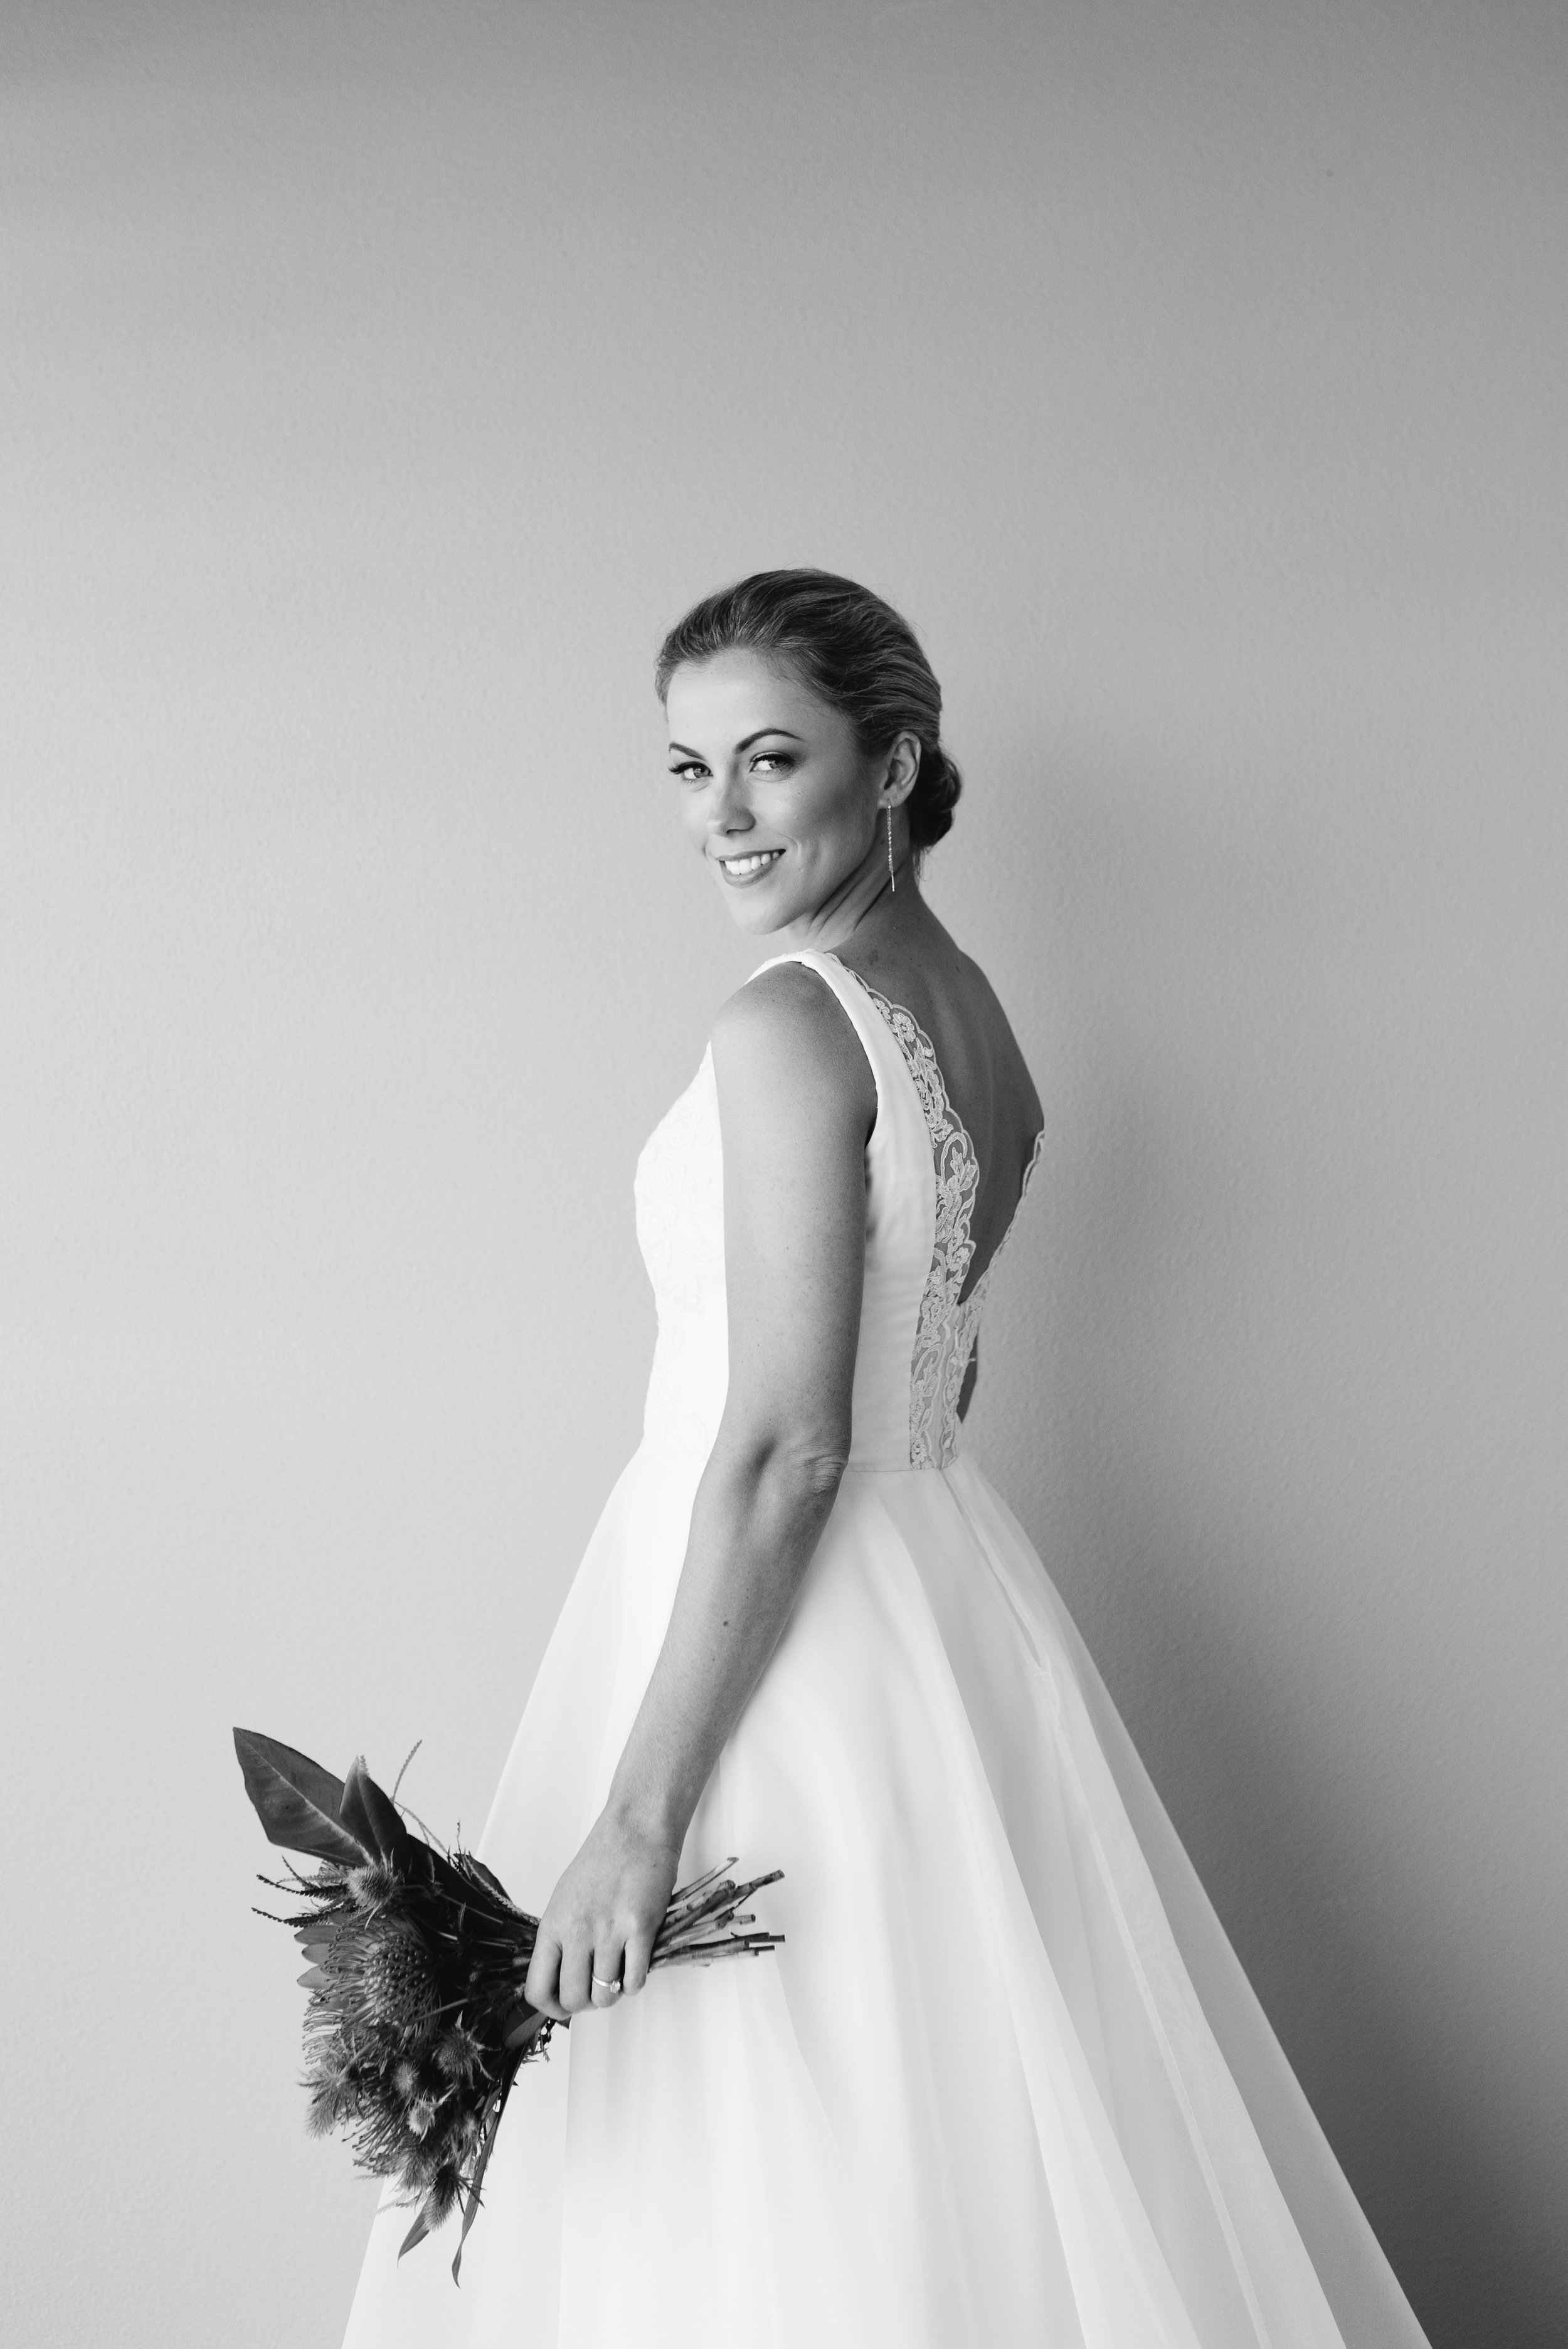 wedding-photography-brisbane-sandstone-point-hotel-bribie-island-luxewedding-18.jpg